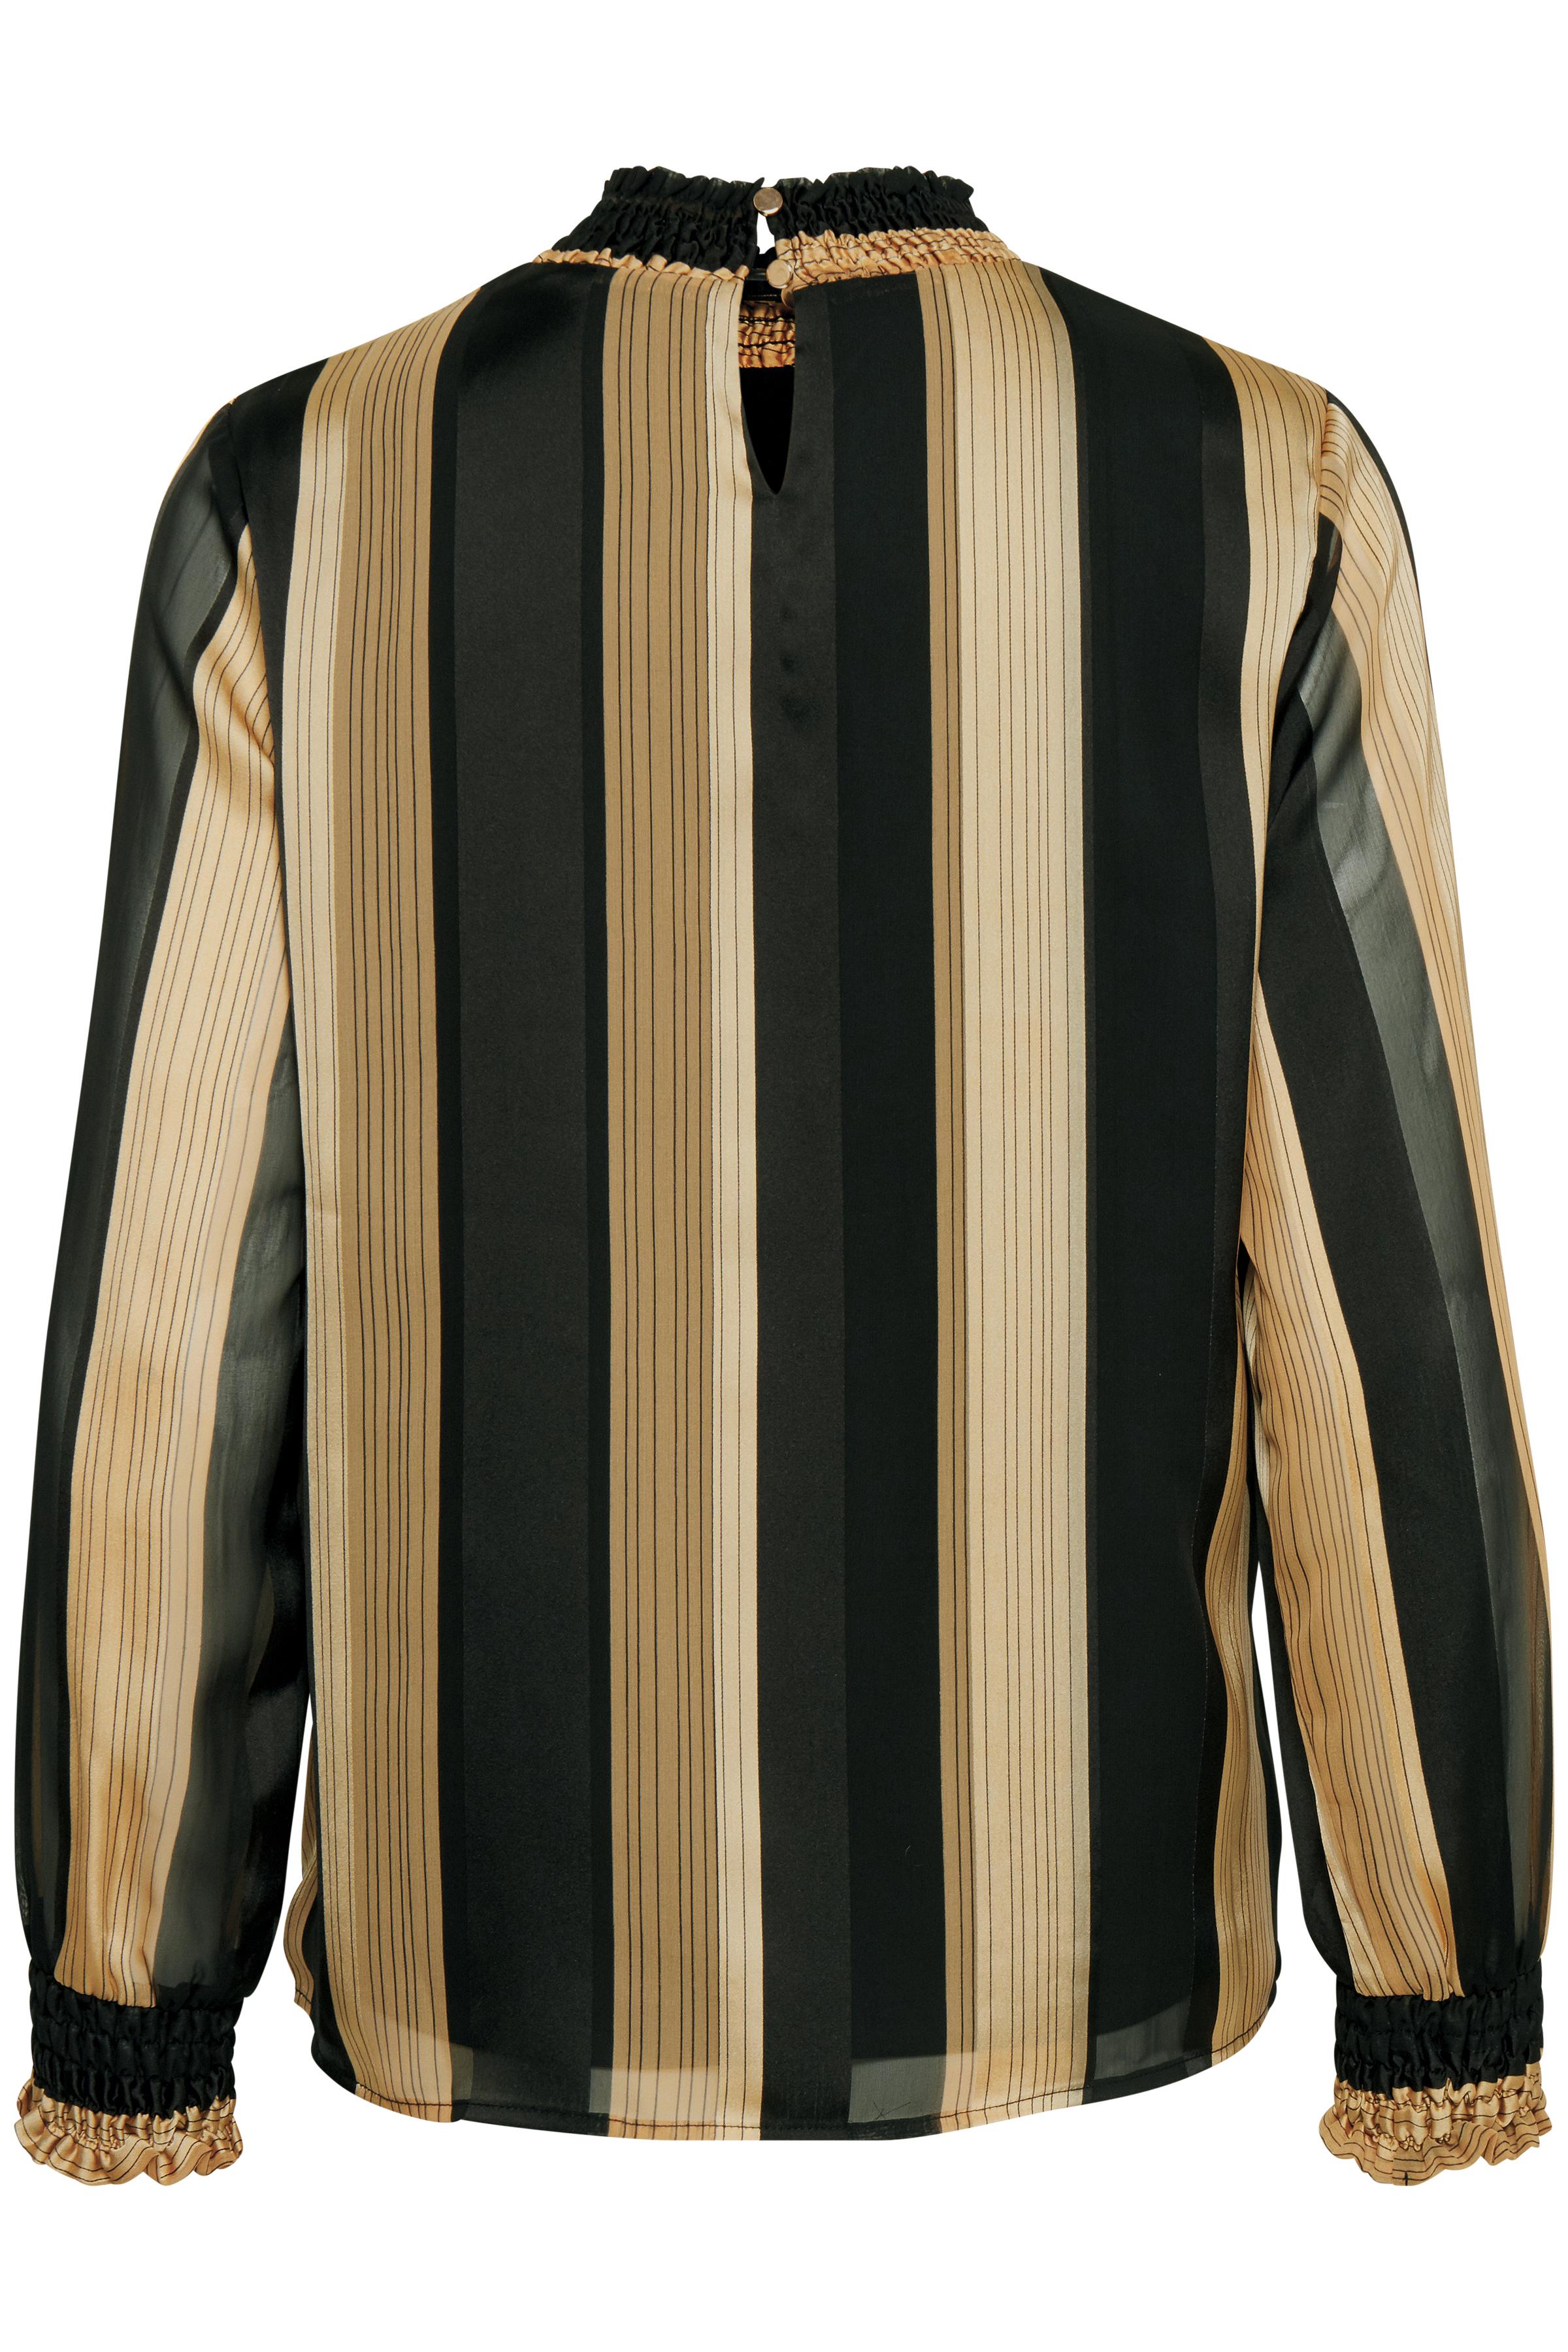 Sort/sand Langærmet bluse  fra Fransa – Køb Sort/sand Langærmet bluse  fra str. XS-XXL her